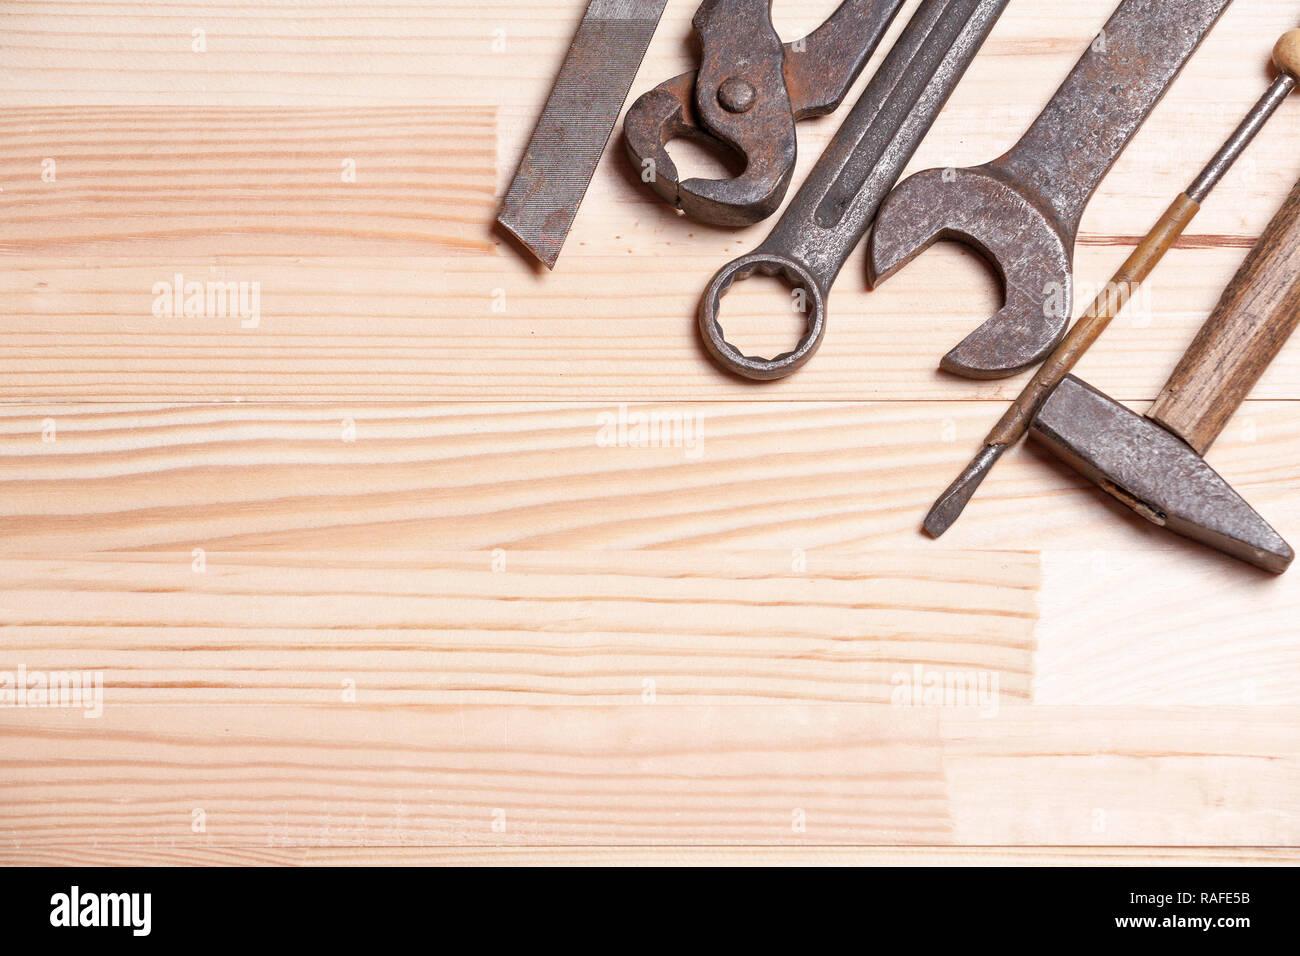 Rusty robustas herramientas industriales de trabajo antigua llave destornillador luz natural de fondo de madera Foto de stock